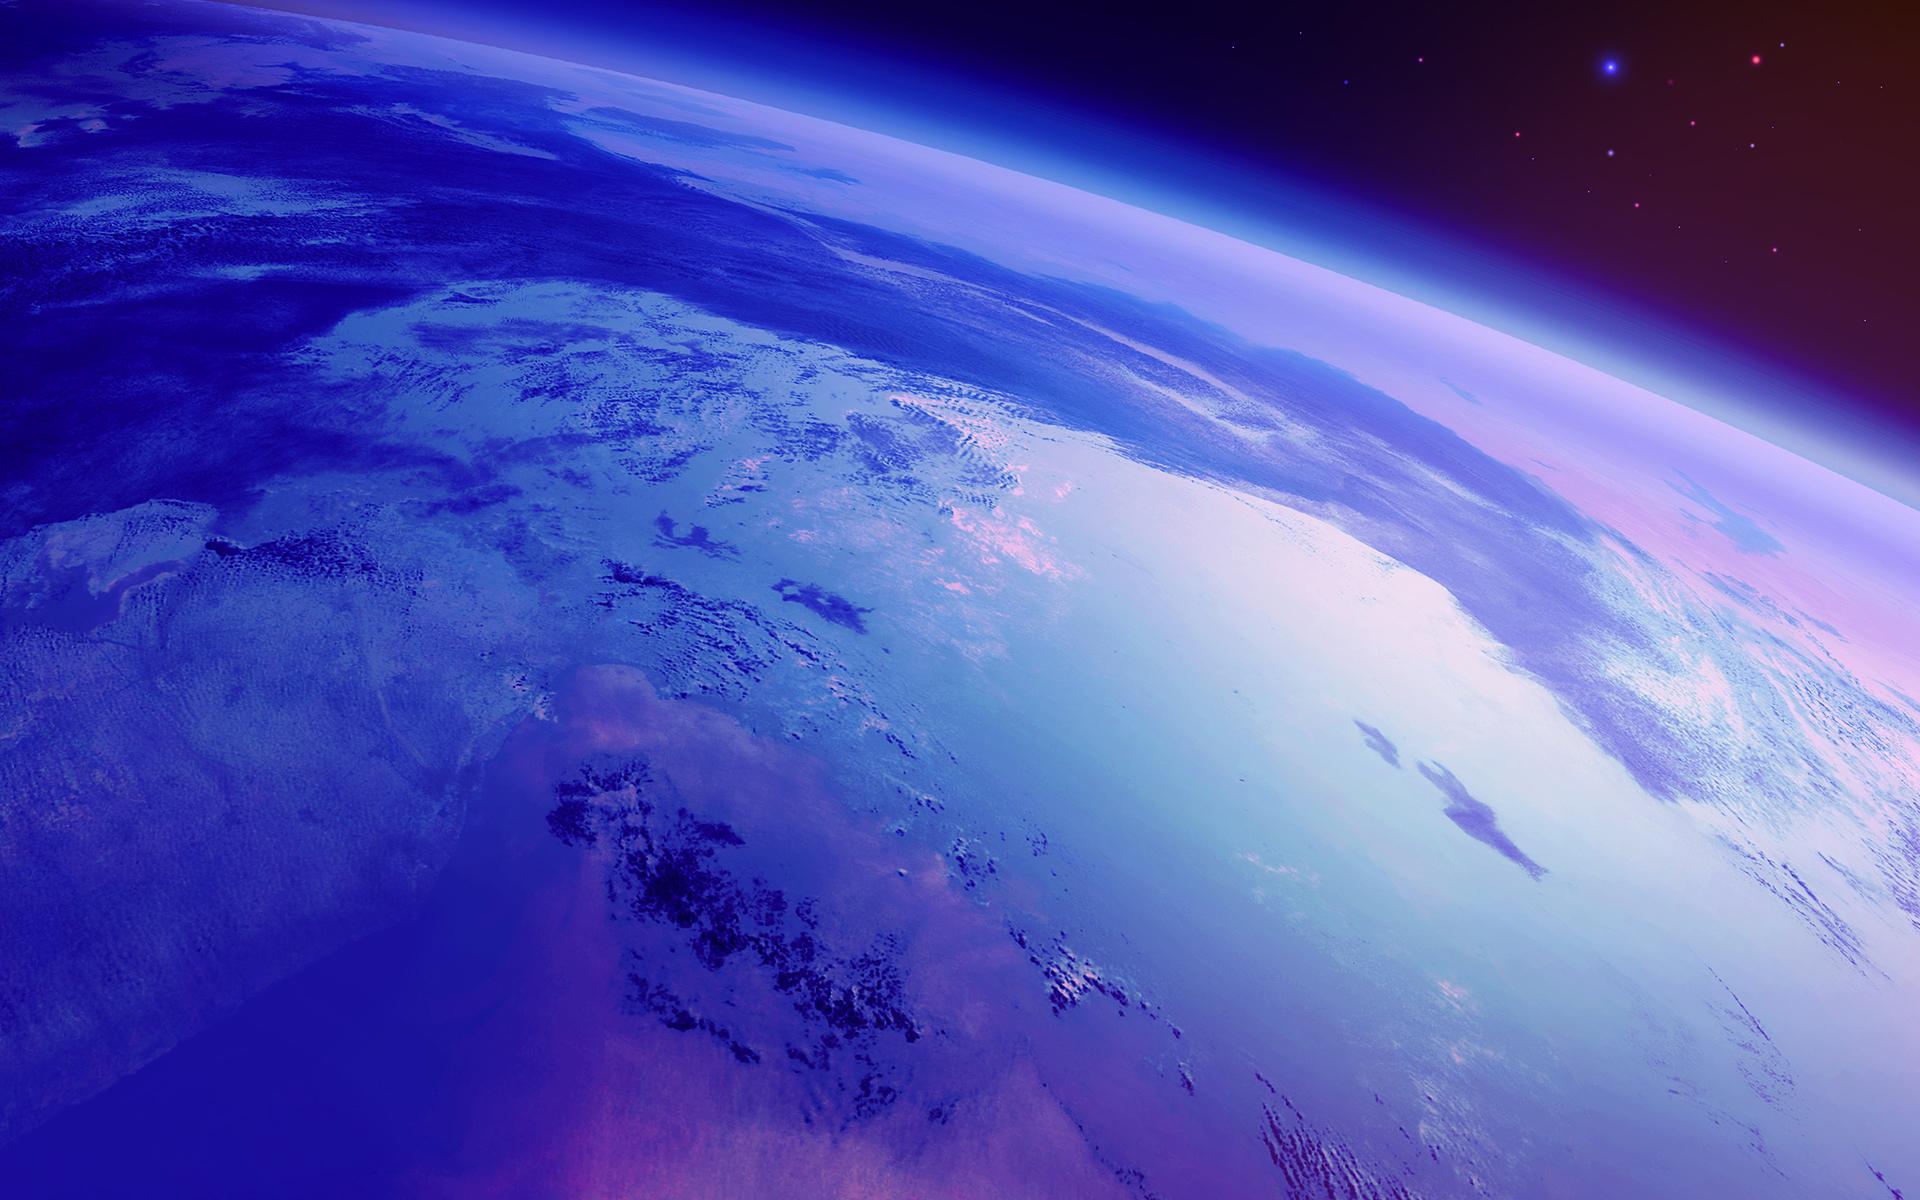 упорному фото земли из космоса в высоком качестве удивительный